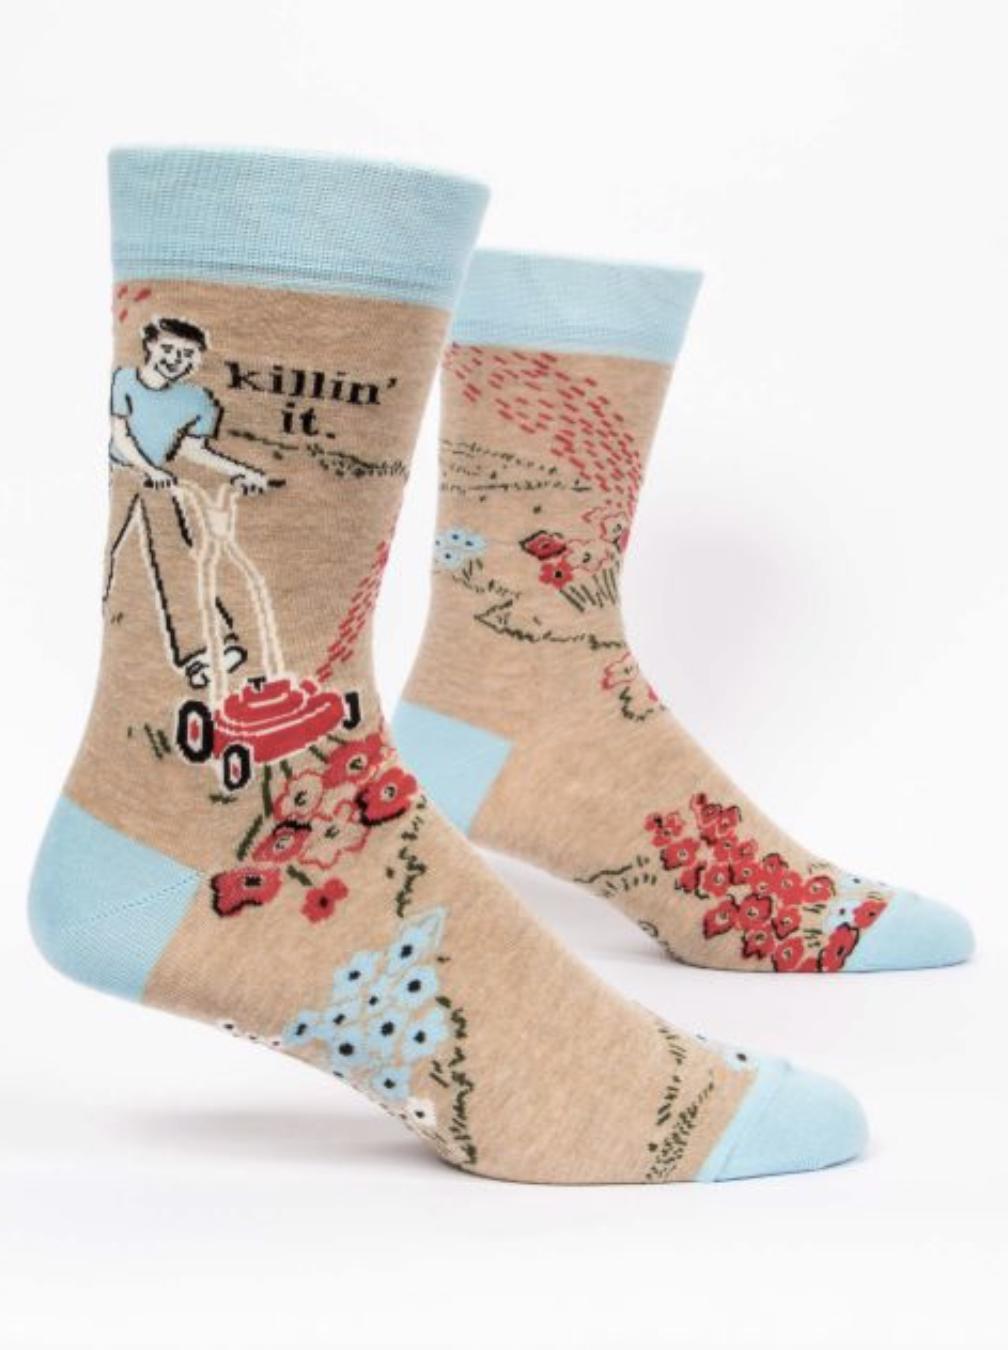 Blue Q Men's Socks Killin' It